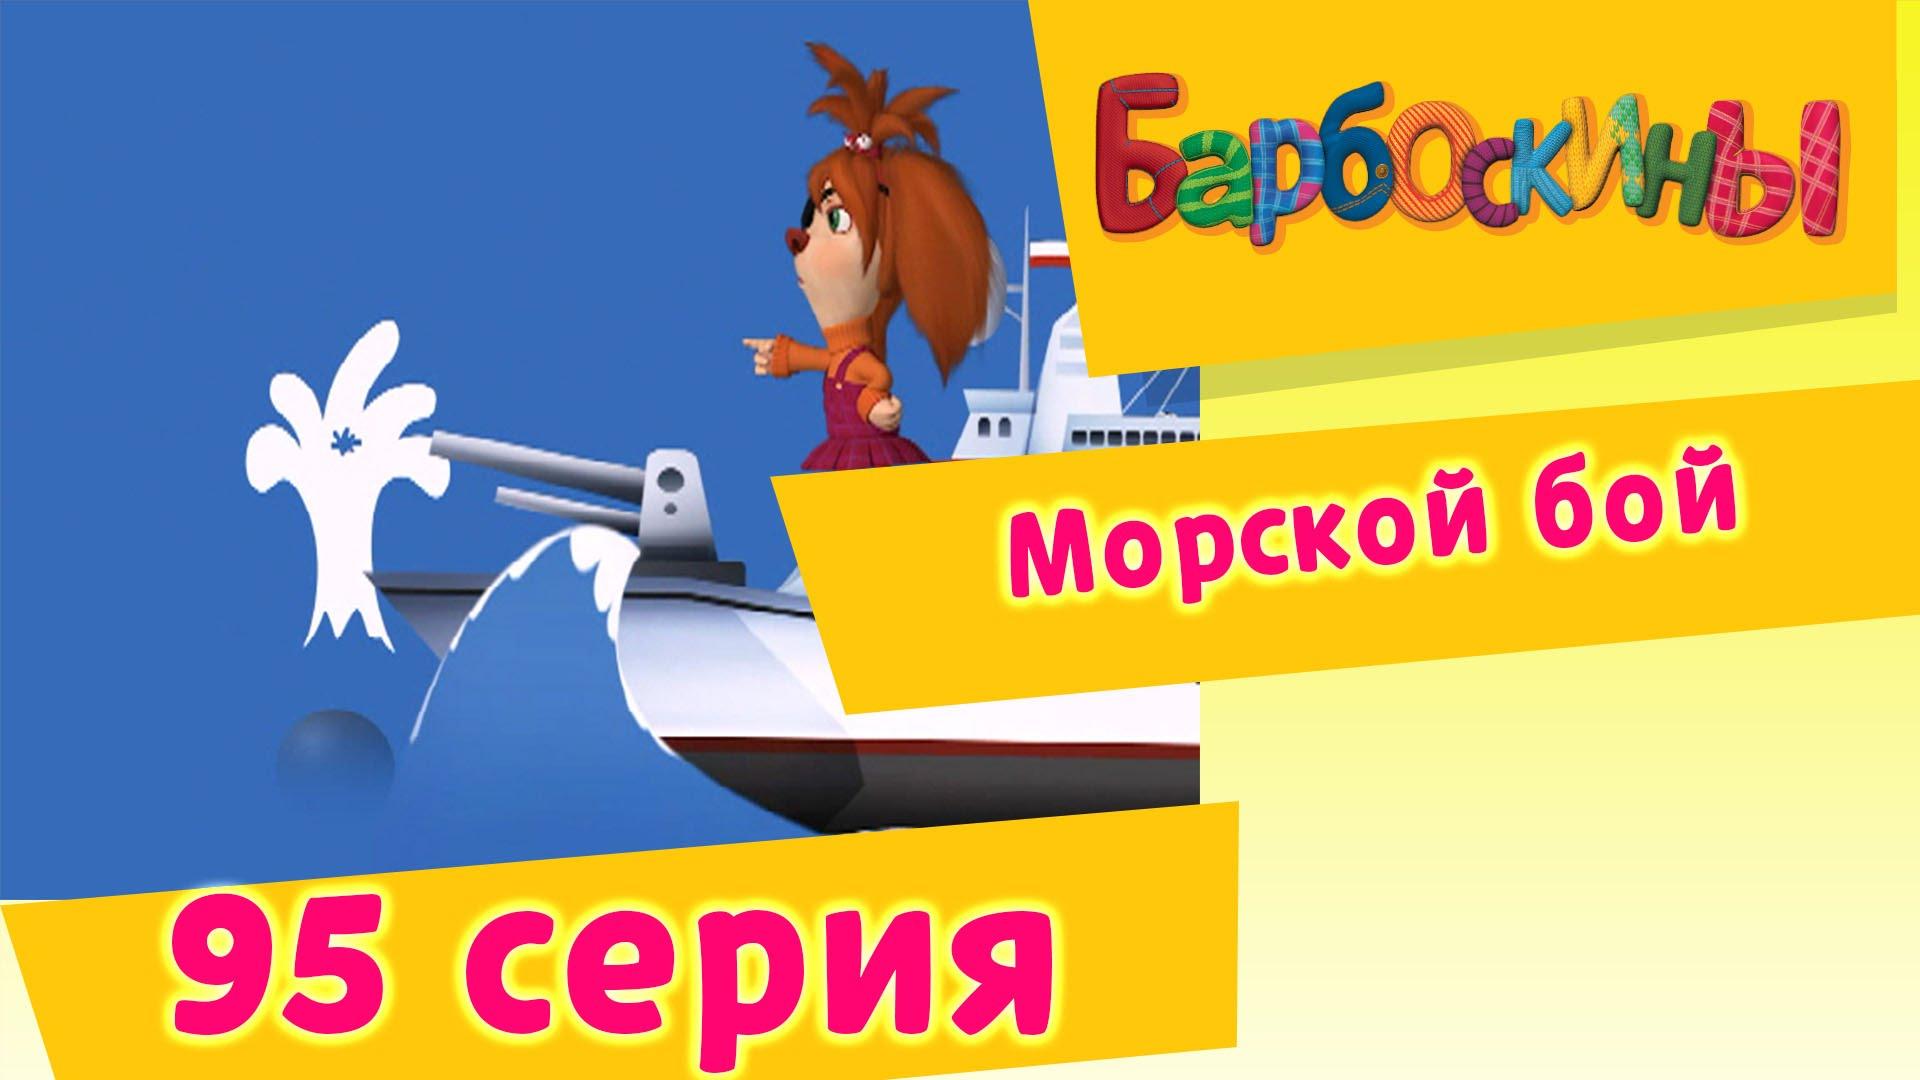 Барбоскины — 95 Серия. Морской бой